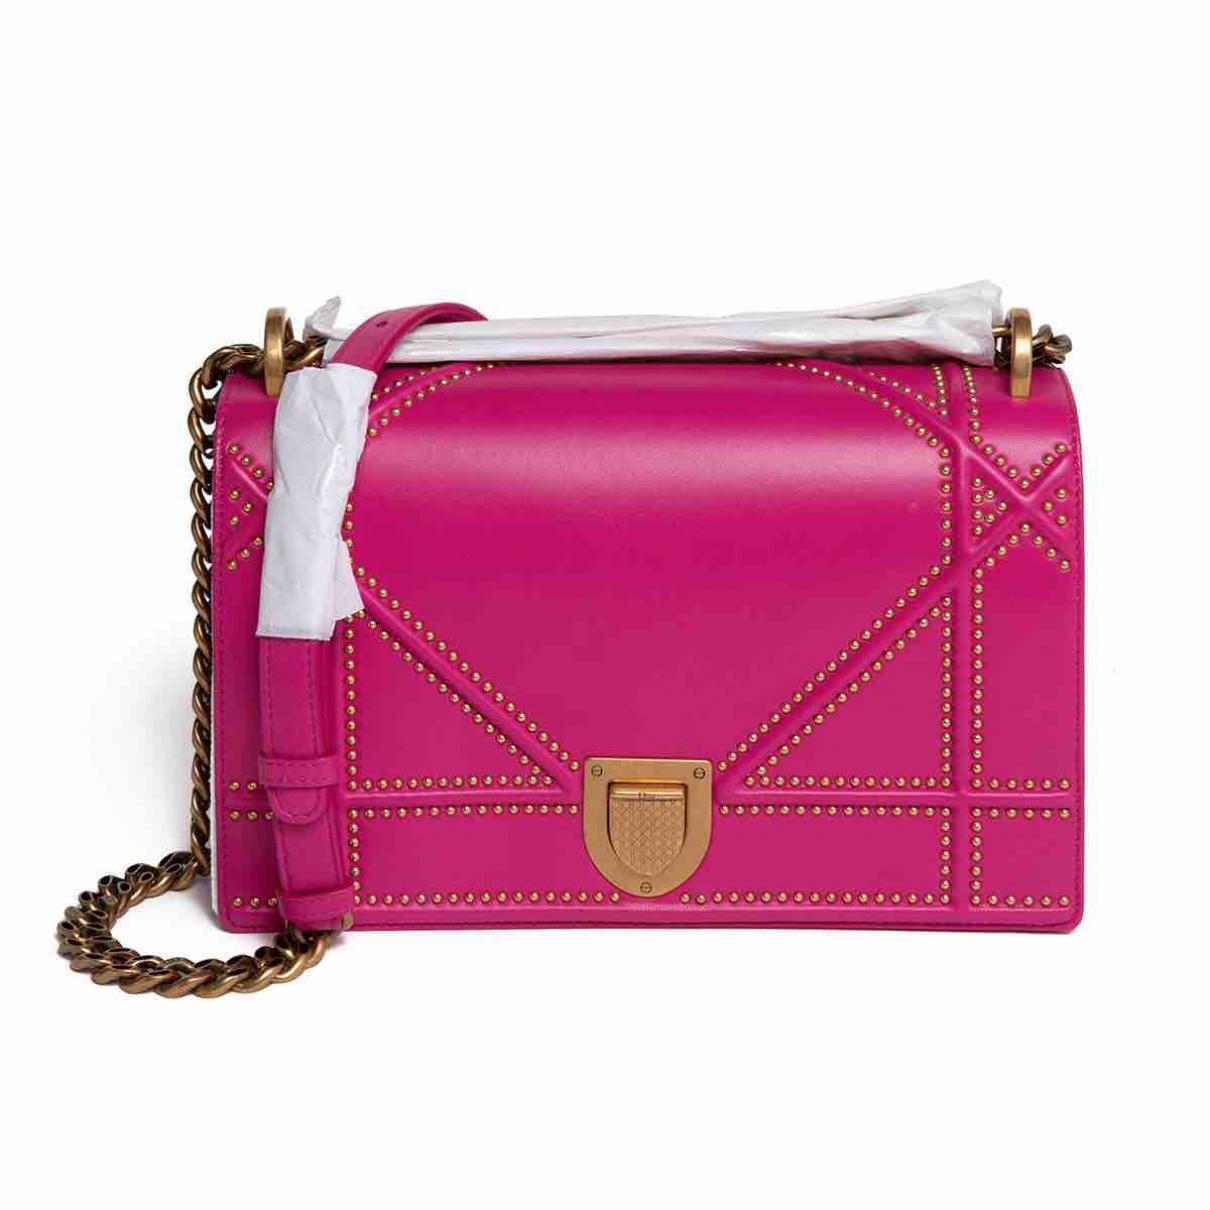 27453c35bb29 Lyst dior ama leather crossbody bag in pink jpg 1210x1210 Dior cross body  bag